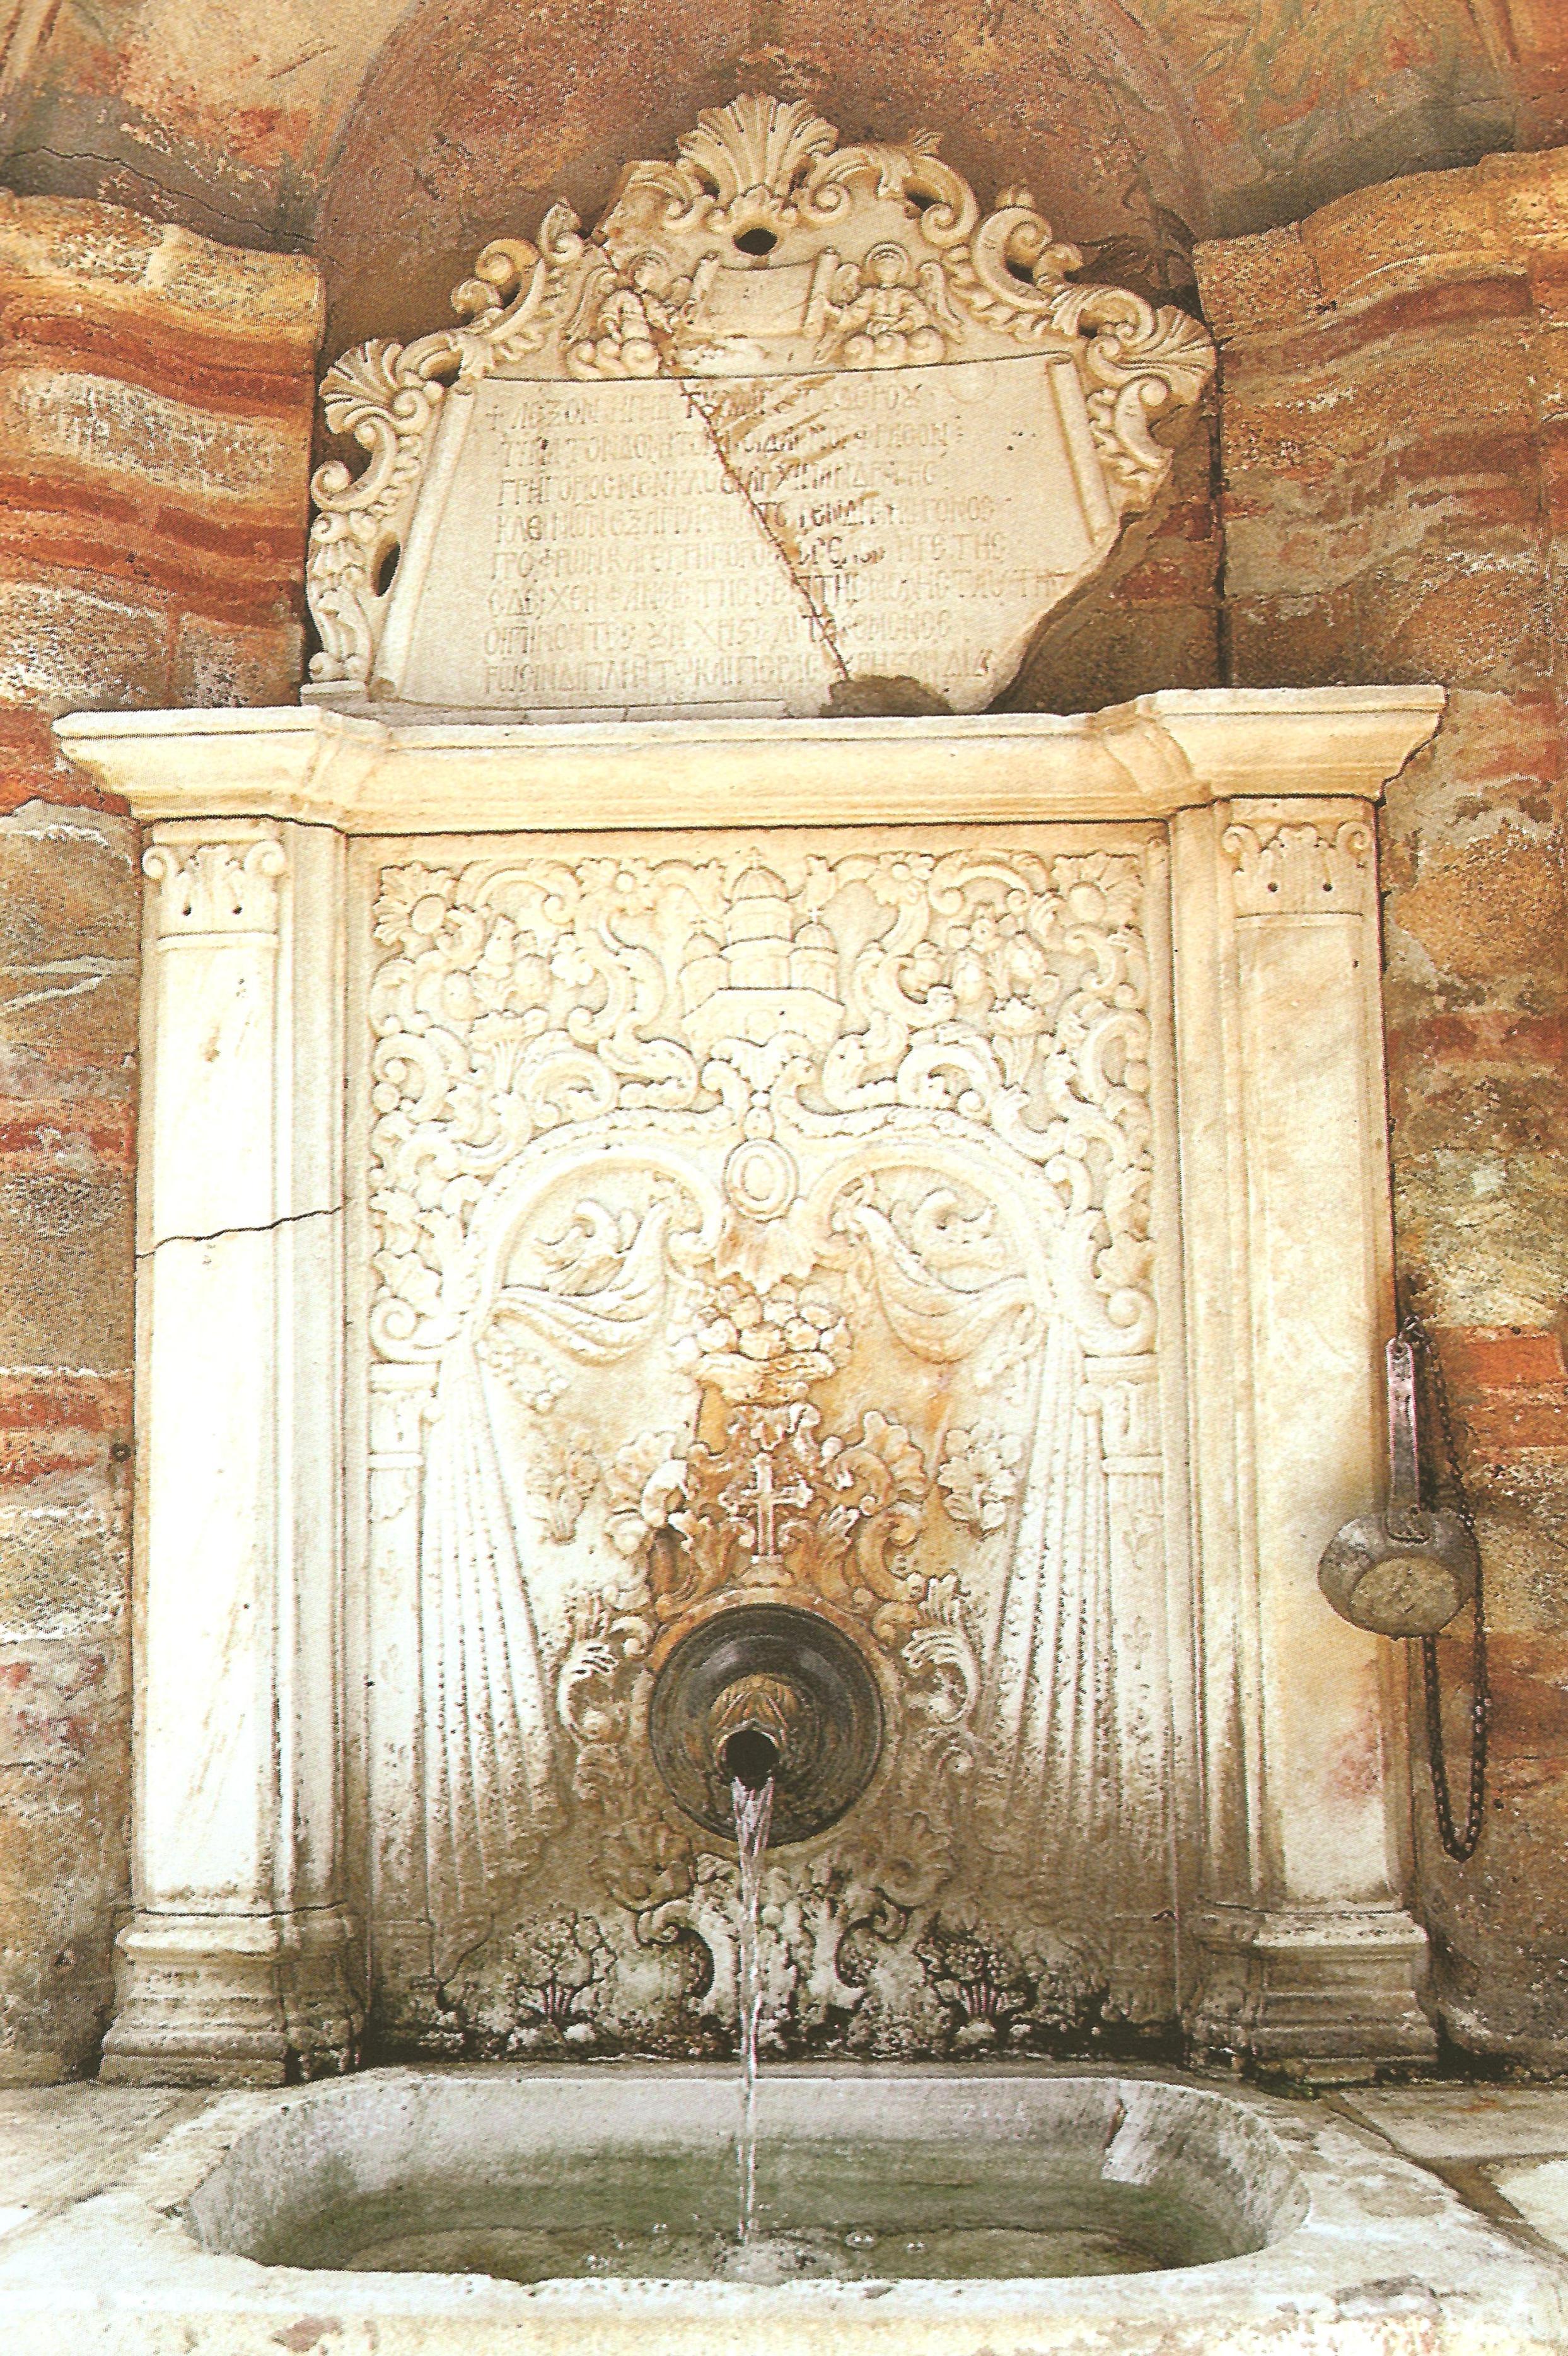 Η κρήνη απέναντι από την είσοδο της Μονής (18ος αι.). The 18th century fountain opposite the monastery gate